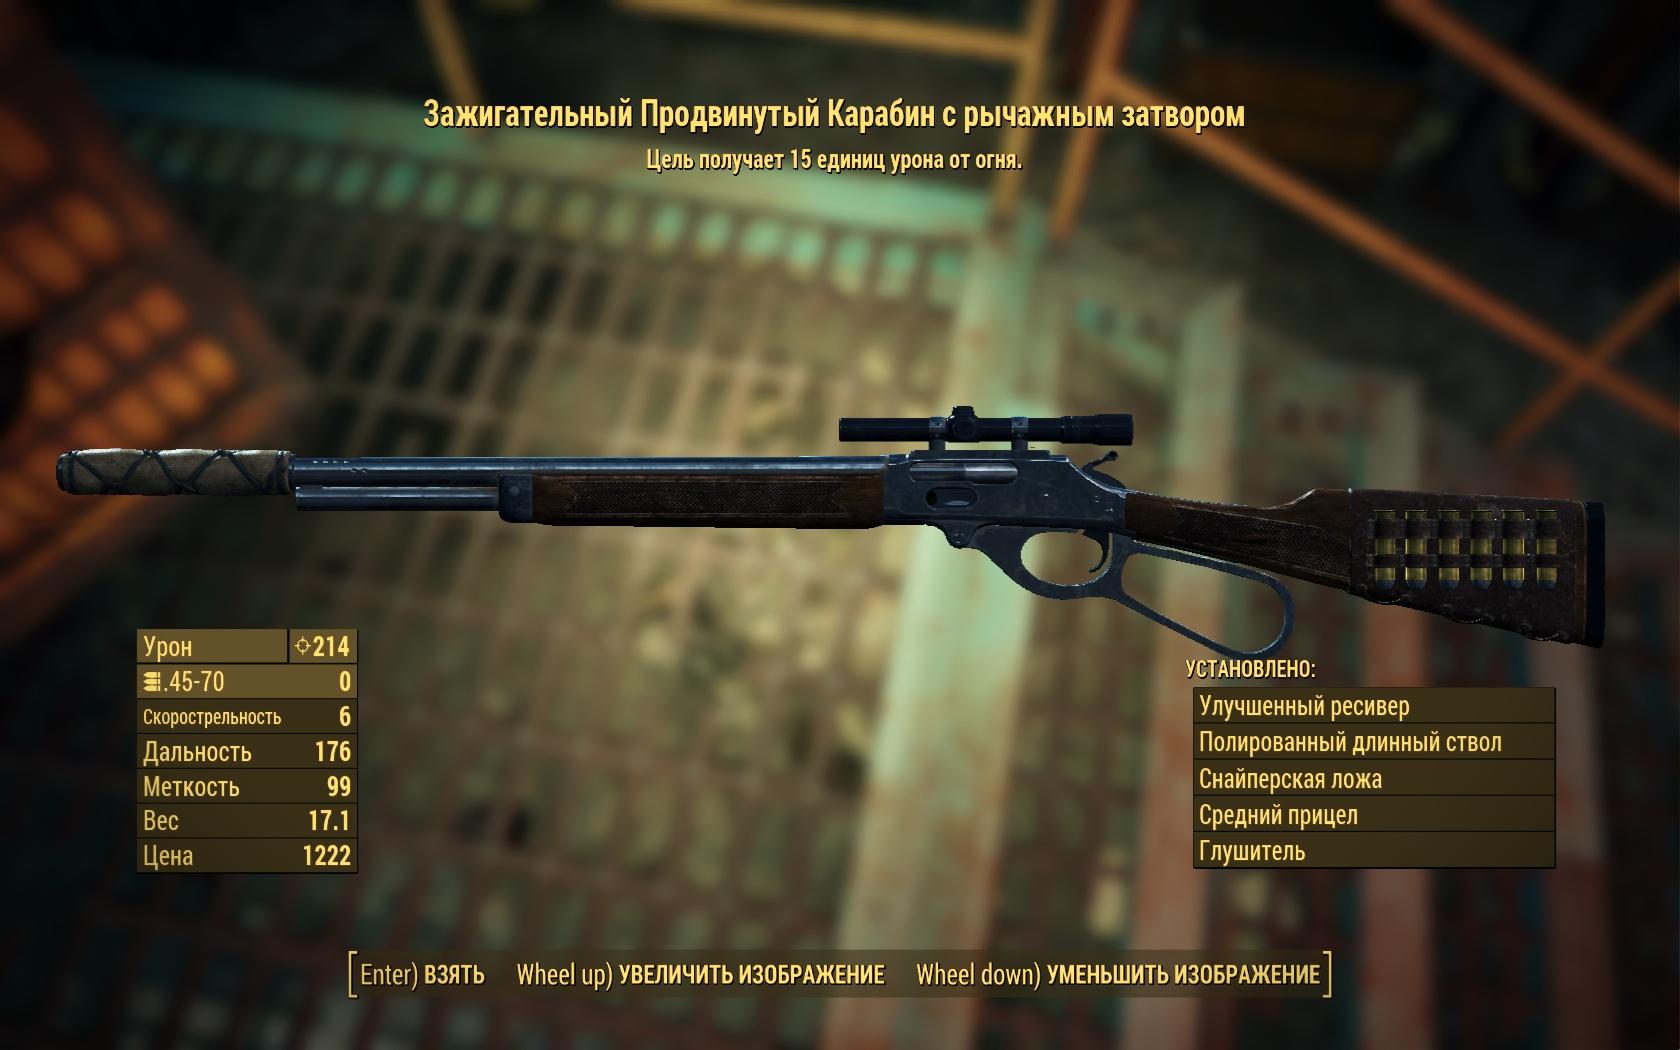 карабин - Fallout 4 Зажигательный, Оружие, продвинутый, рычажный